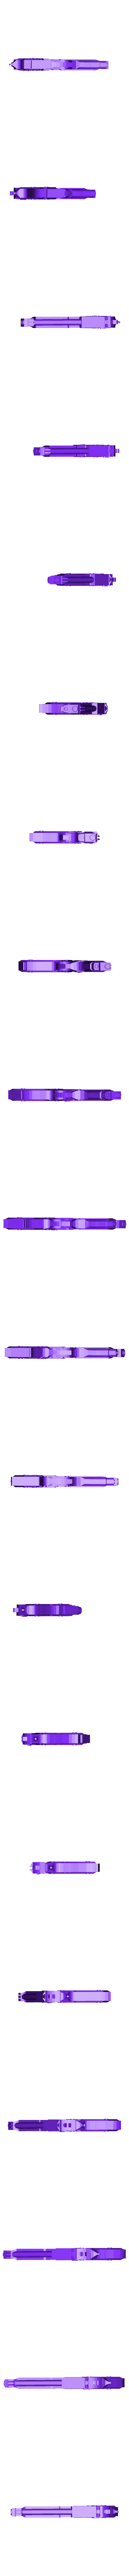 CE3_Beretta_M9.stl Download free STL file Beretta M9 • 3D printing object, Ultipression3D